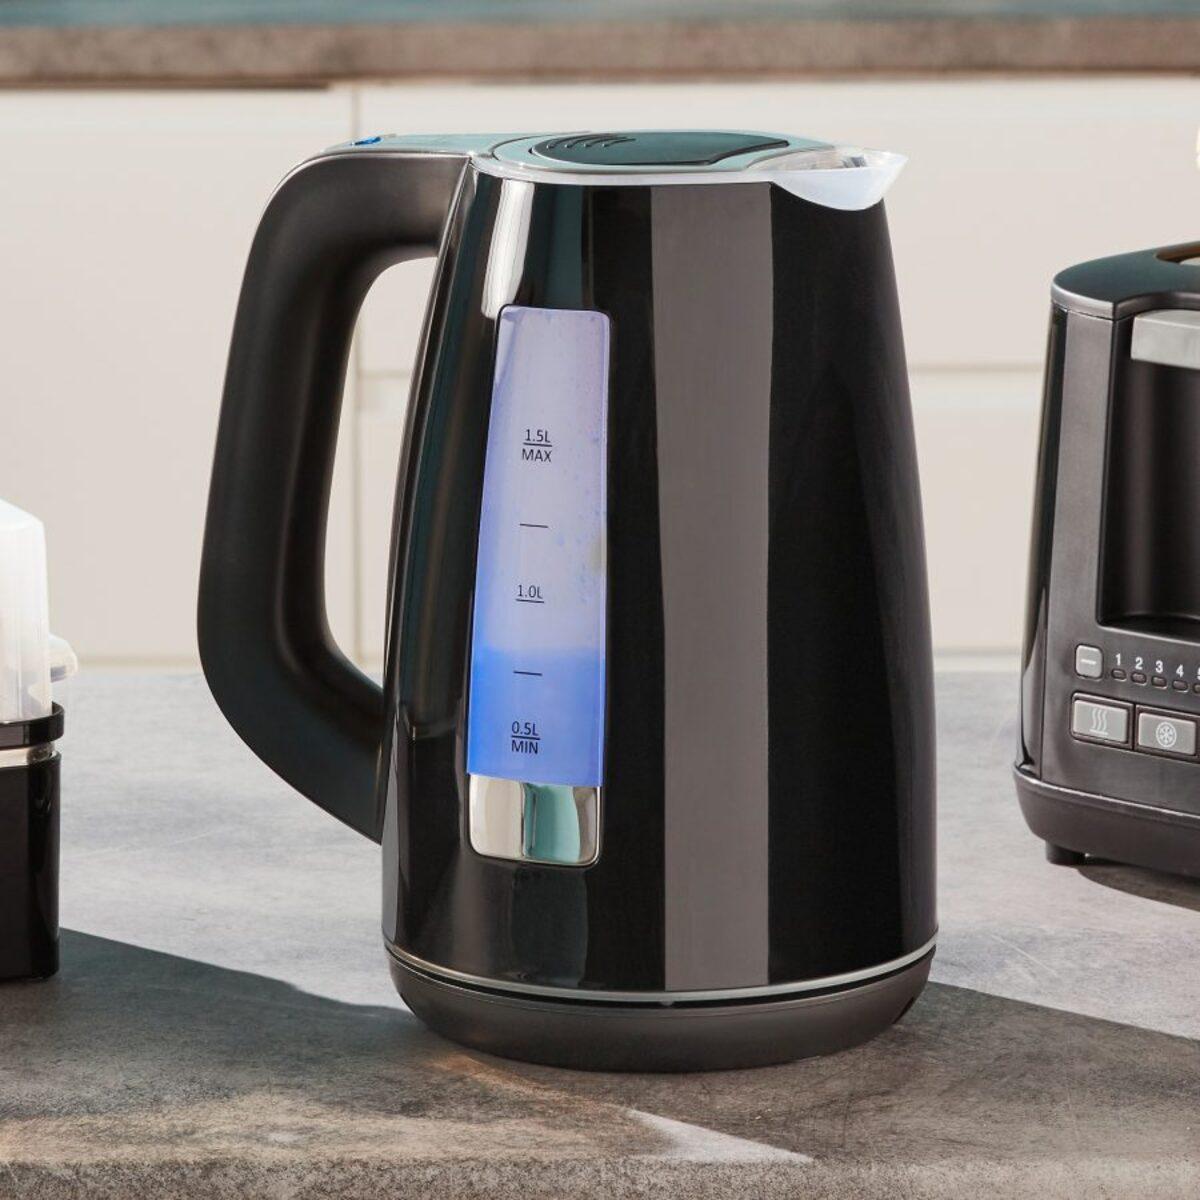 Bild 4 von QUIGG     Elektronischer Wasserkocher